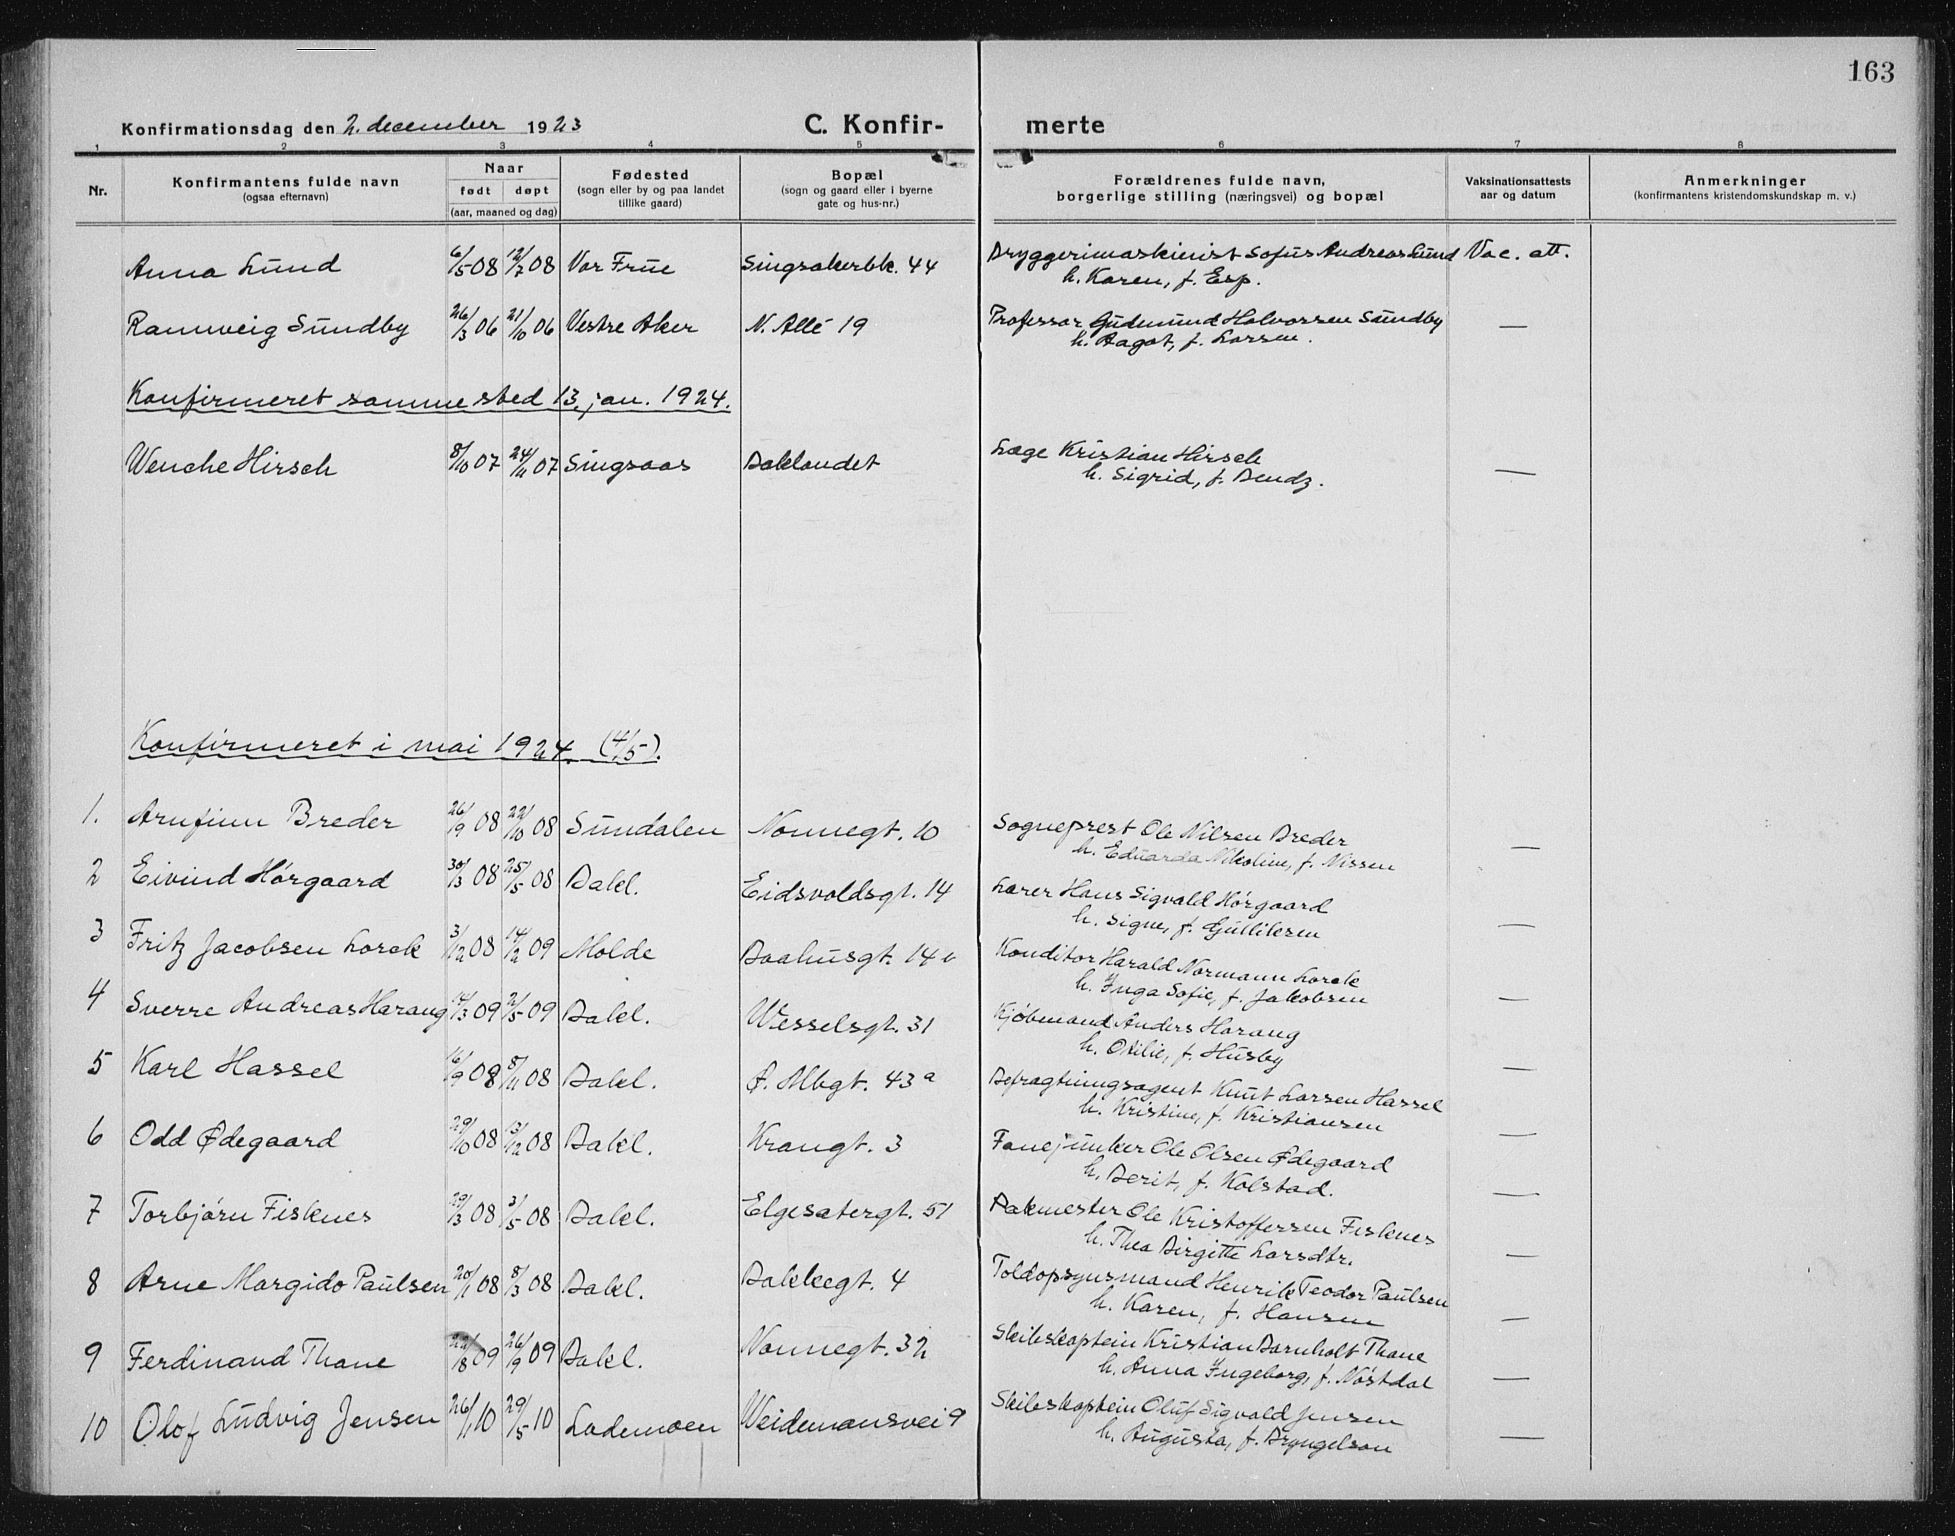 SAT, Ministerialprotokoller, klokkerbøker og fødselsregistre - Sør-Trøndelag, 604/L0227: Klokkerbok nr. 604C10, 1923-1942, s. 163